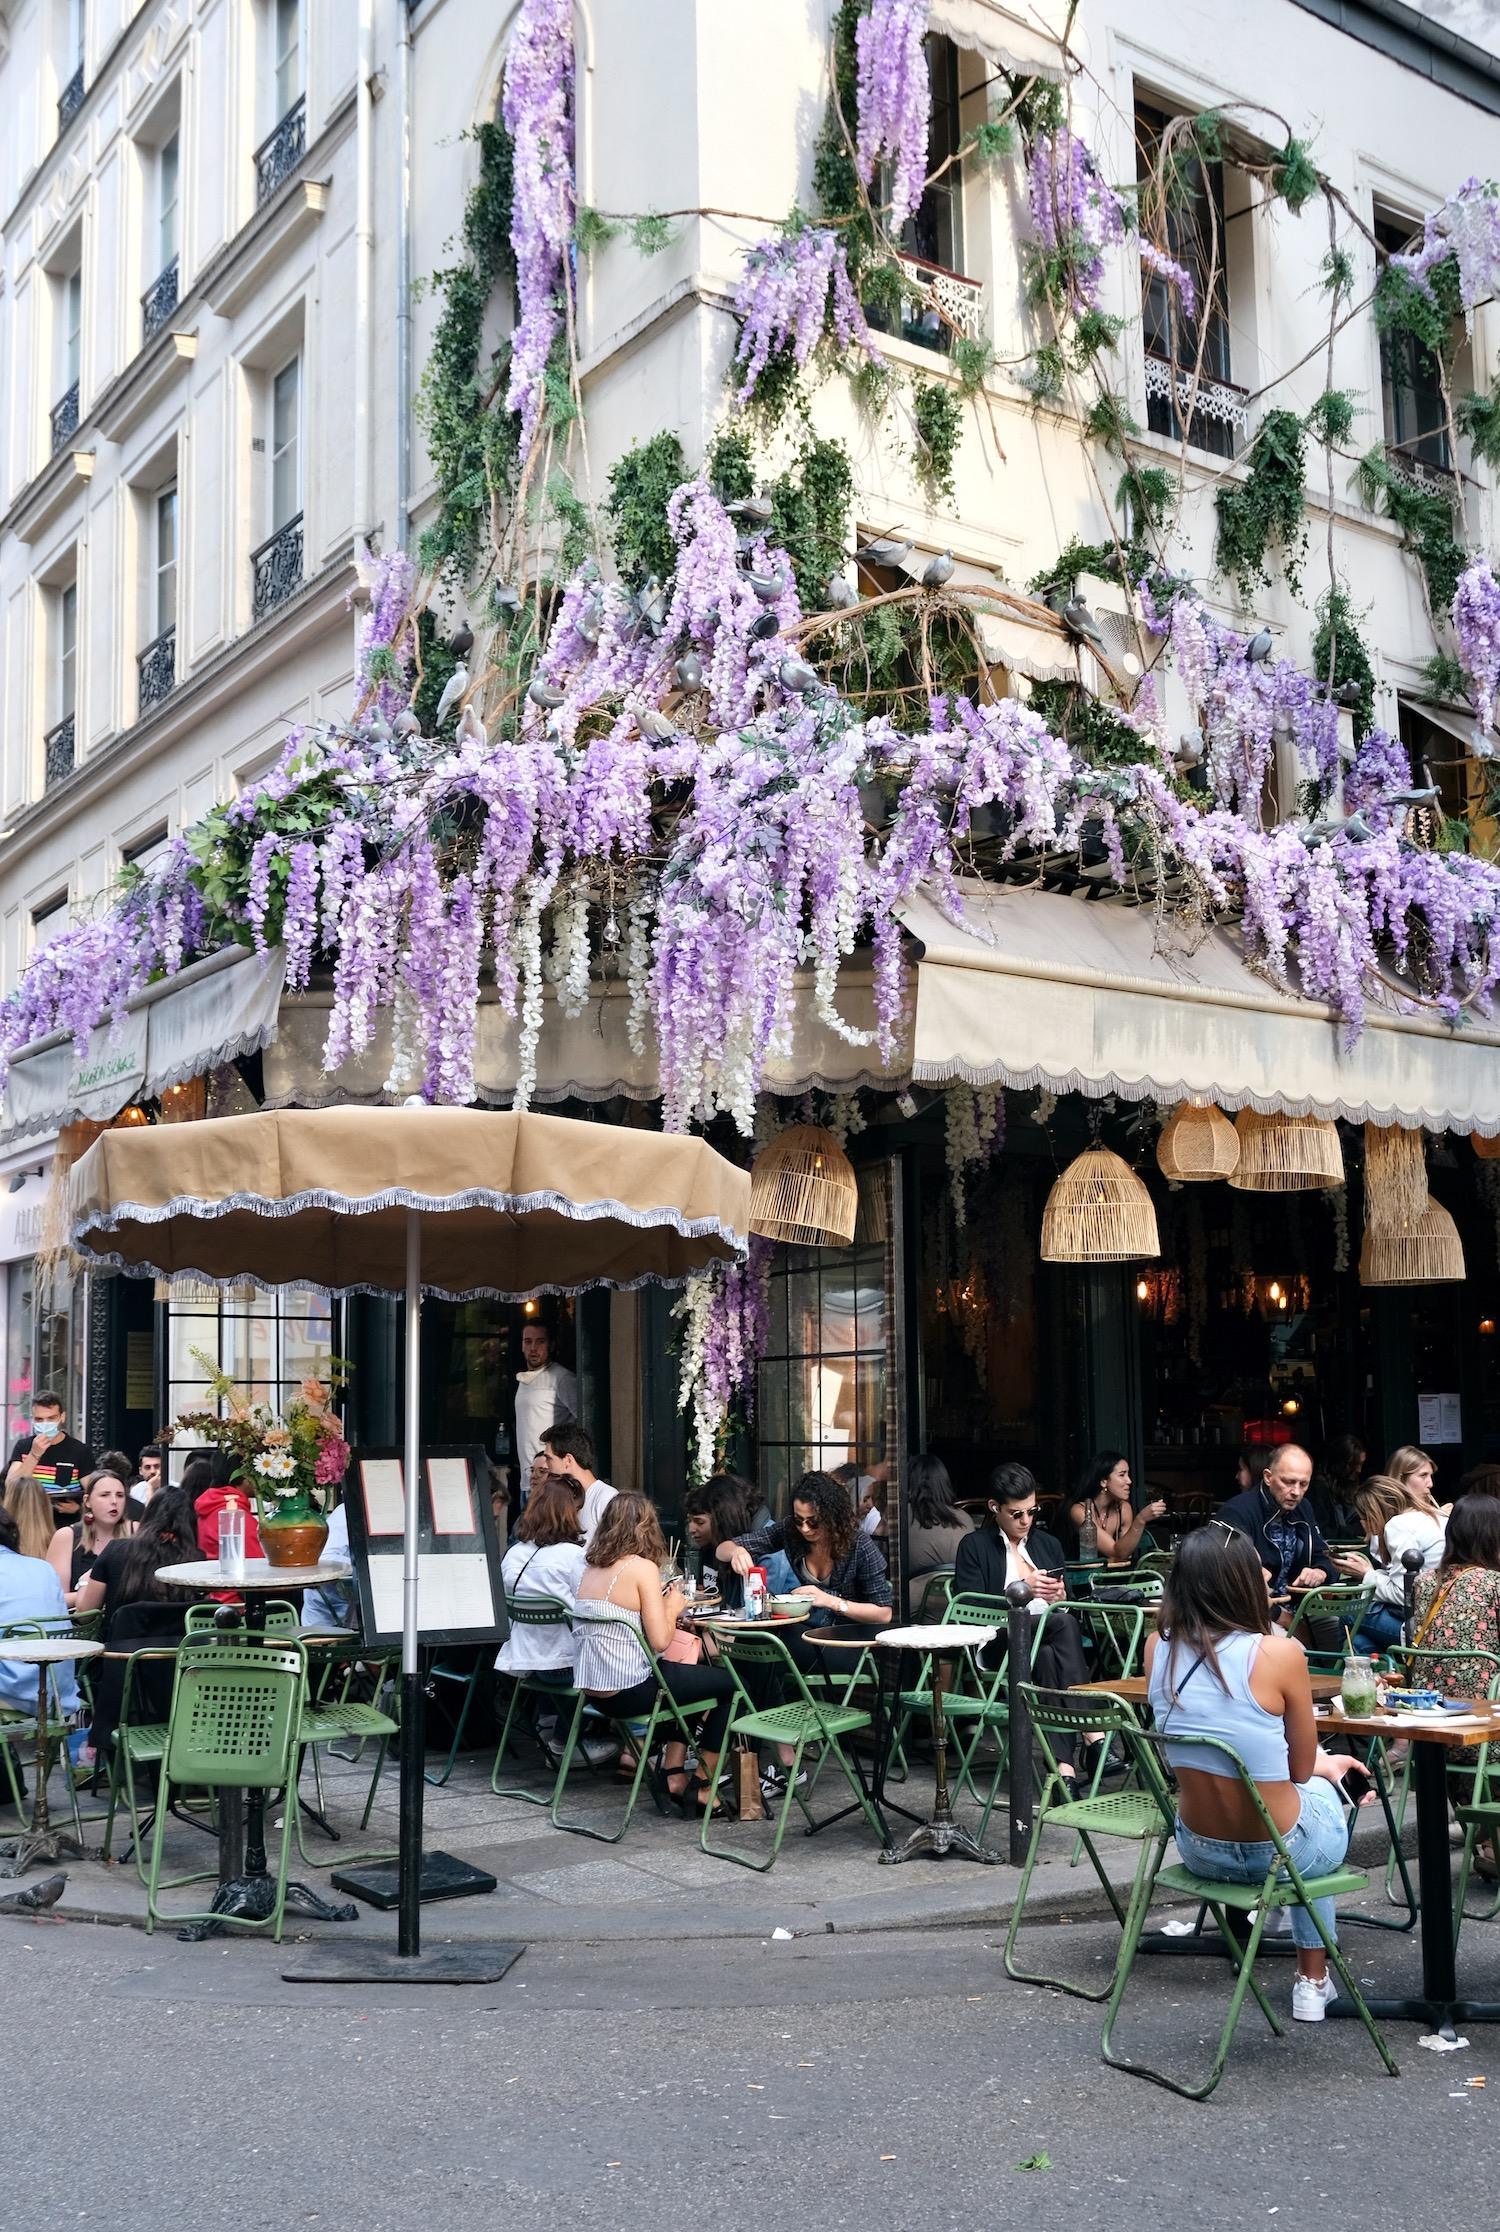 Maison Sauvage wisteria